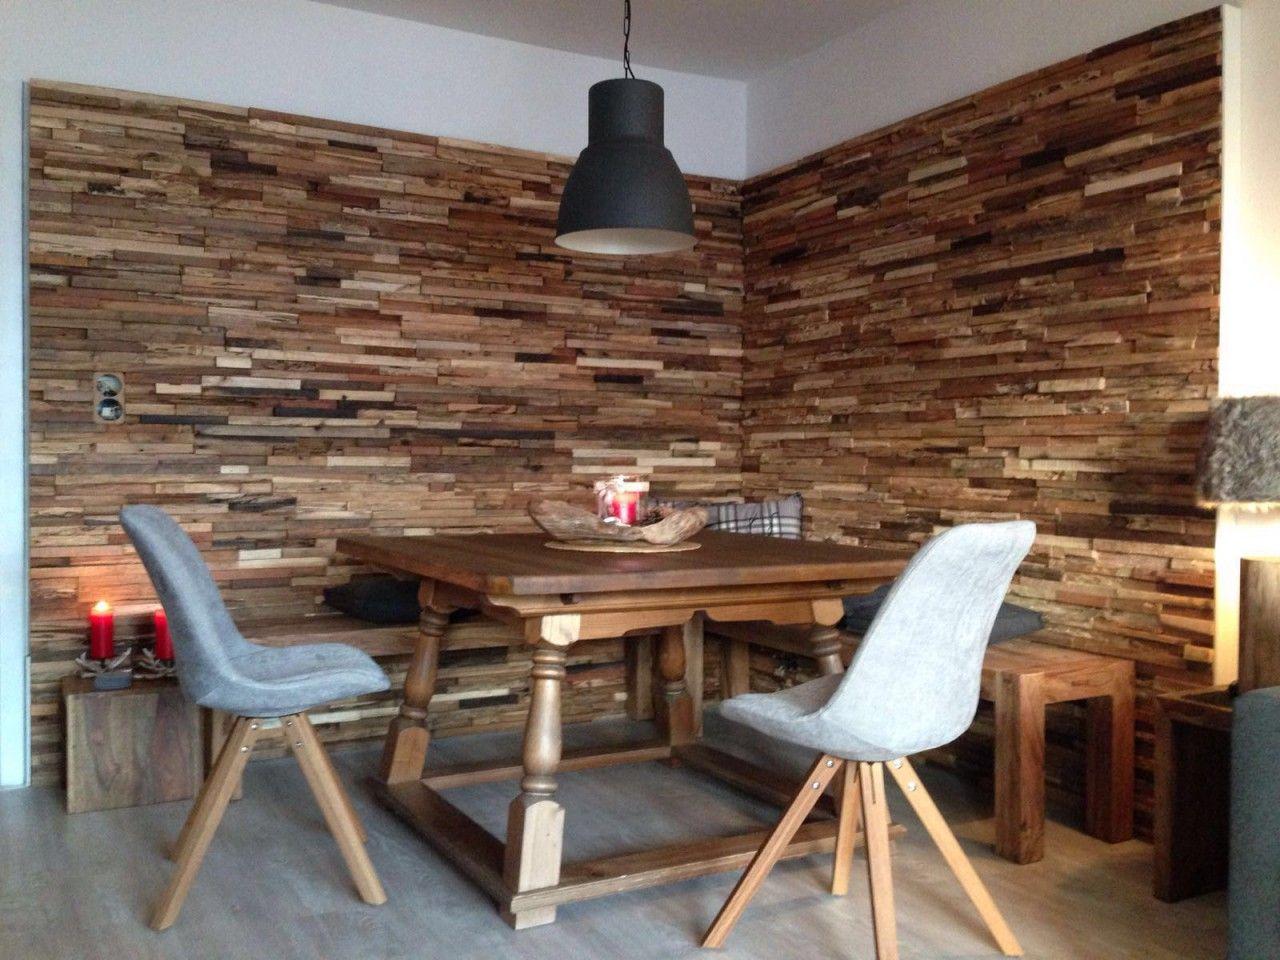 Wand Holz Hütte  Wandgestaltung wohnzimmer holz, Wandpaneele holz